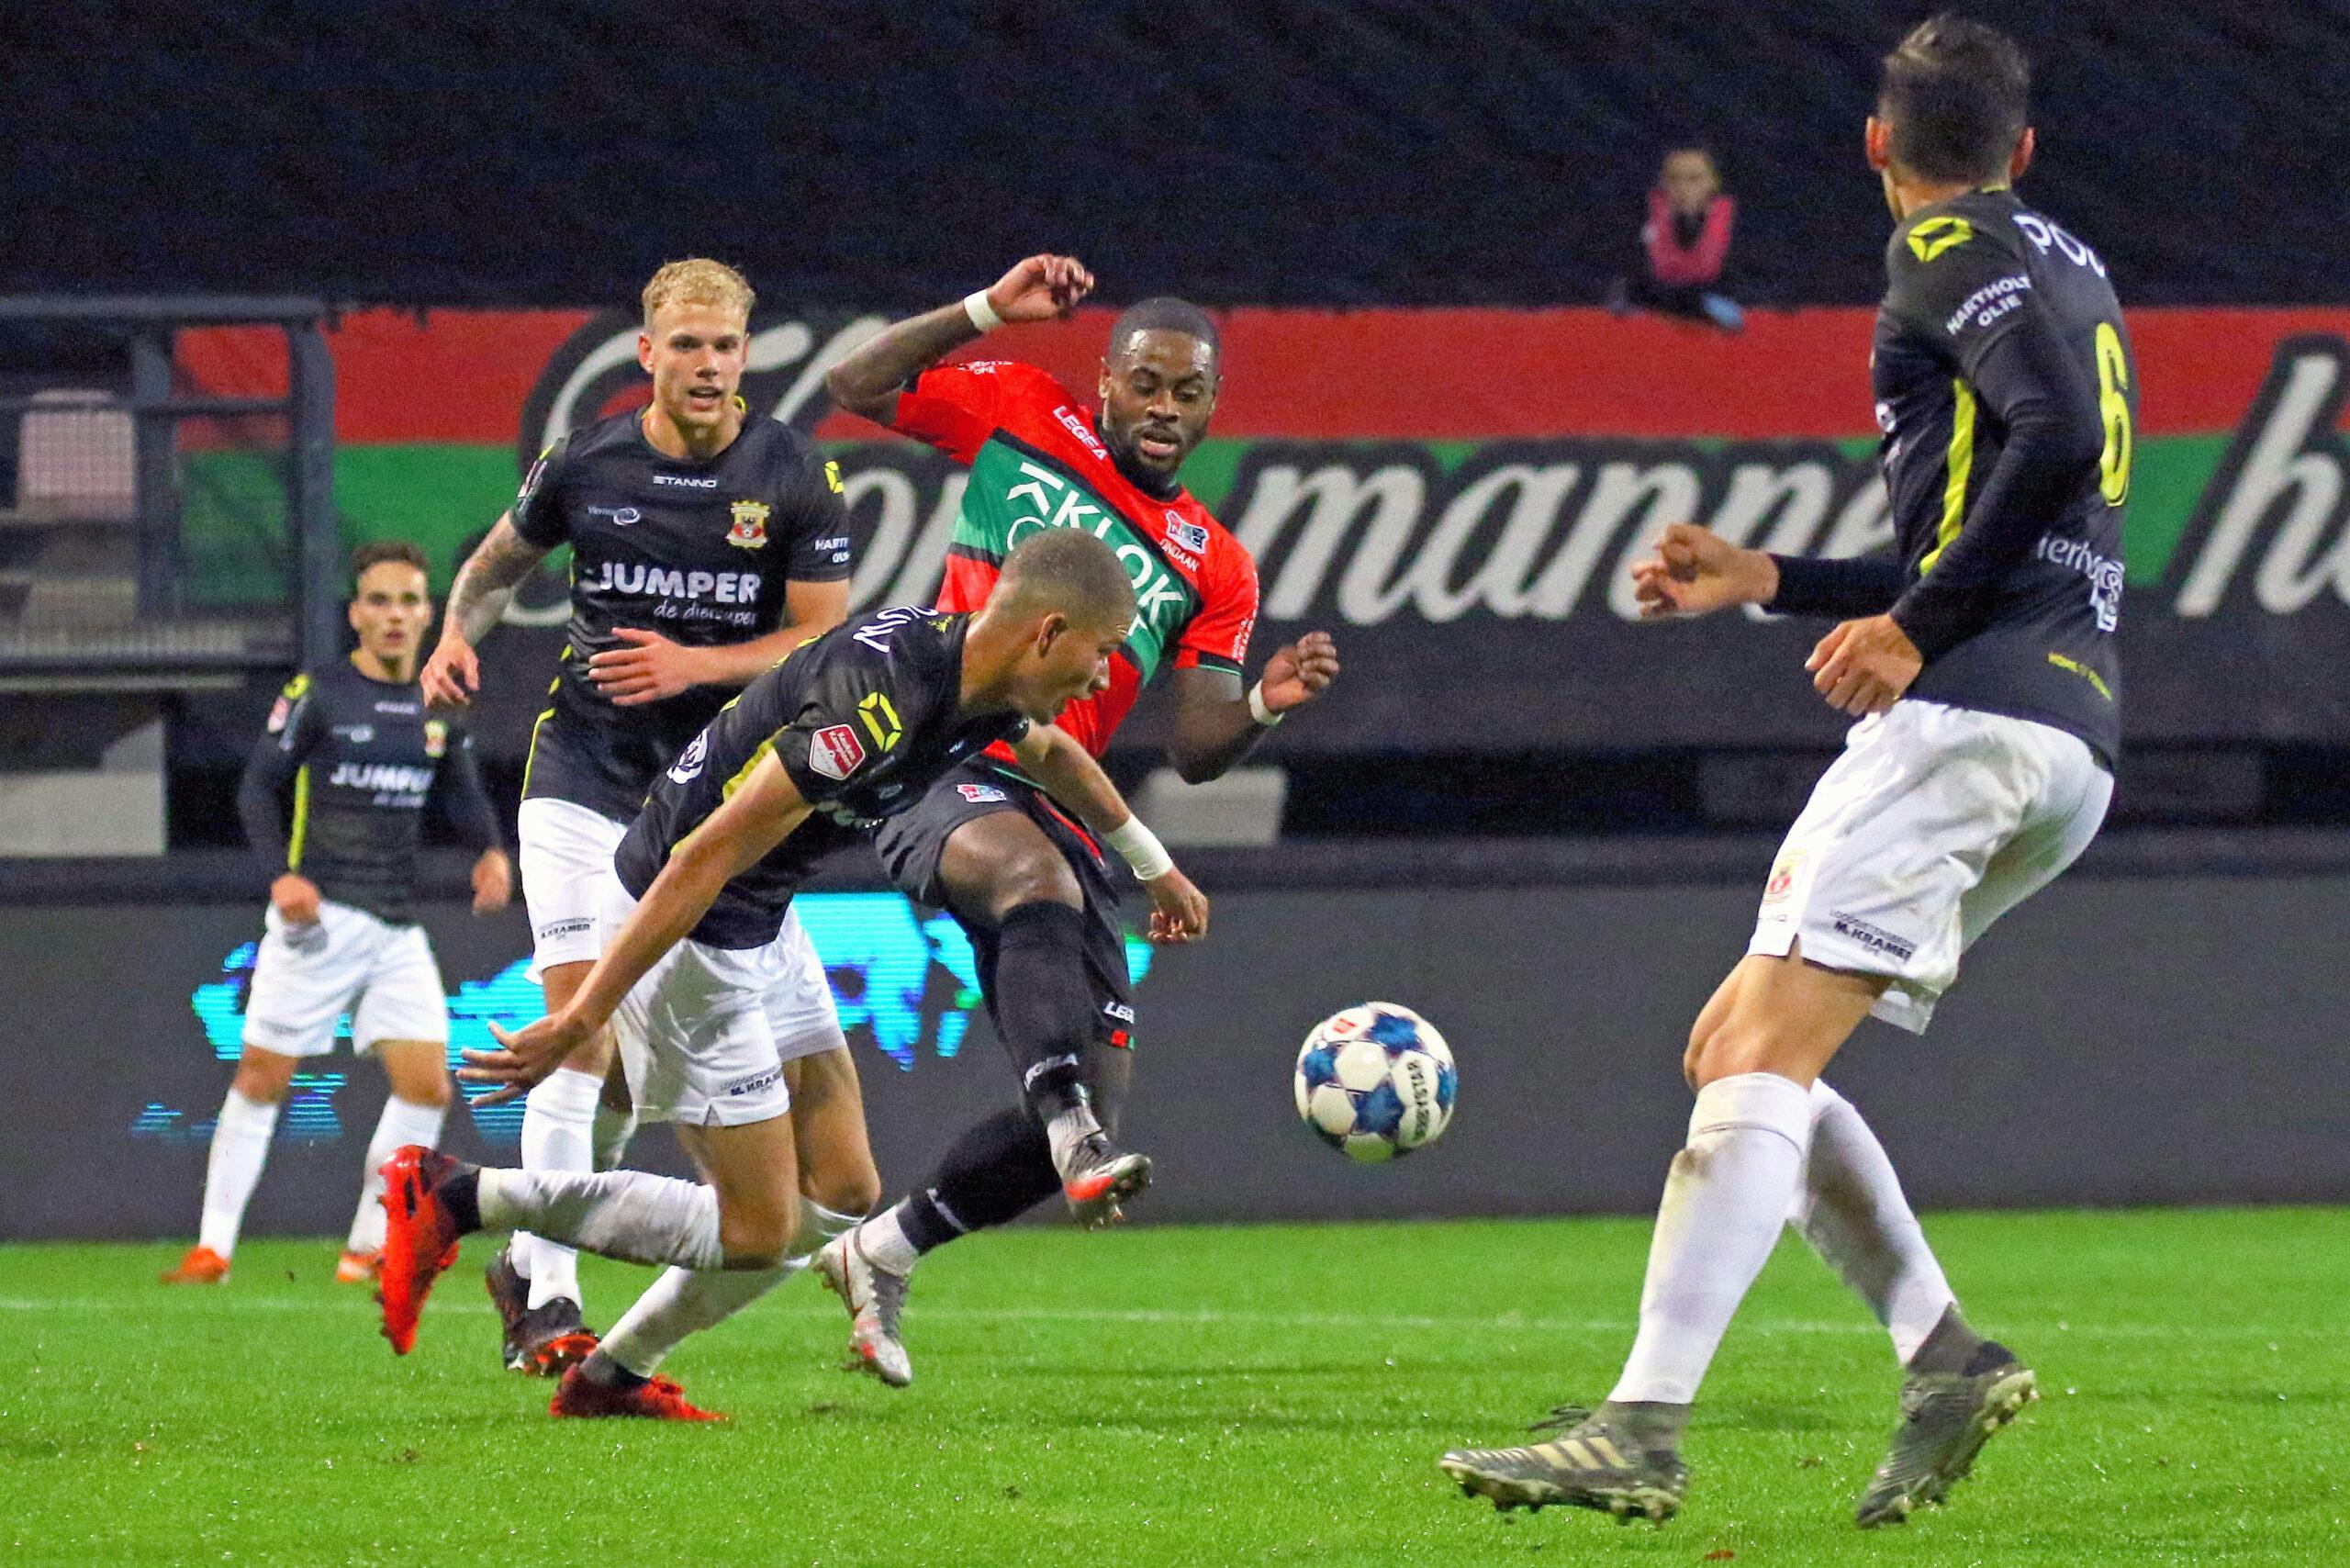 Voorbeschouwing: NEC tegen 'kampioen clean sheets' Go Ahead Eagles